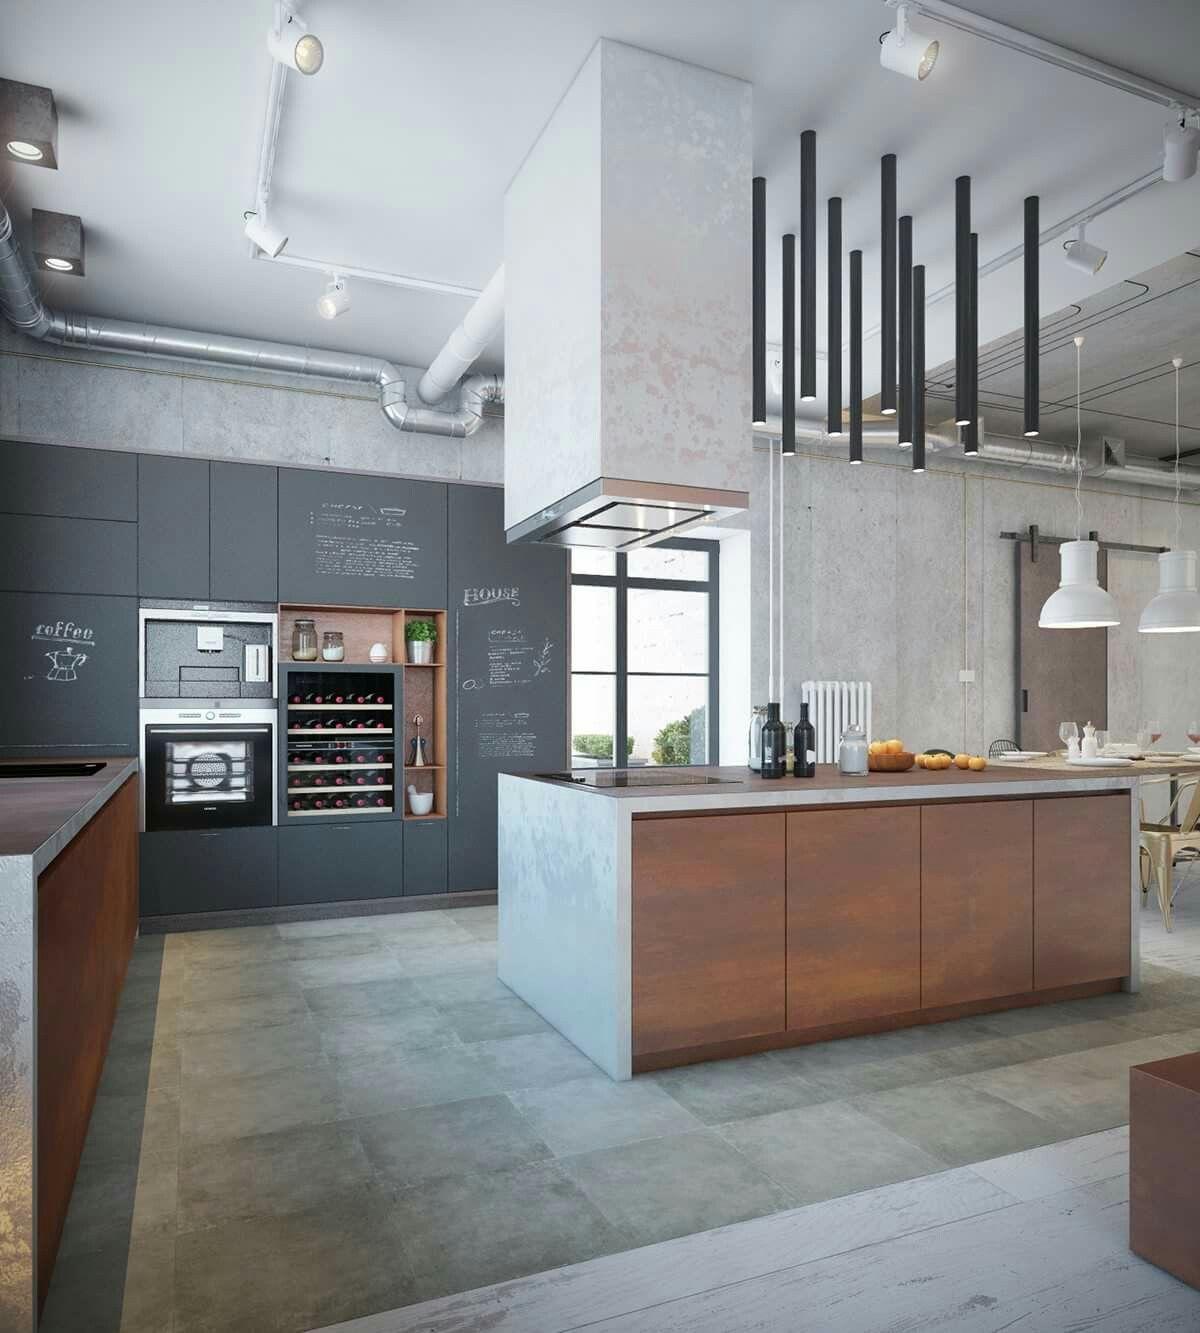 pin von nefa architekci auf kitchen in 2018 pinterest haus k chen design und wohnung design. Black Bedroom Furniture Sets. Home Design Ideas